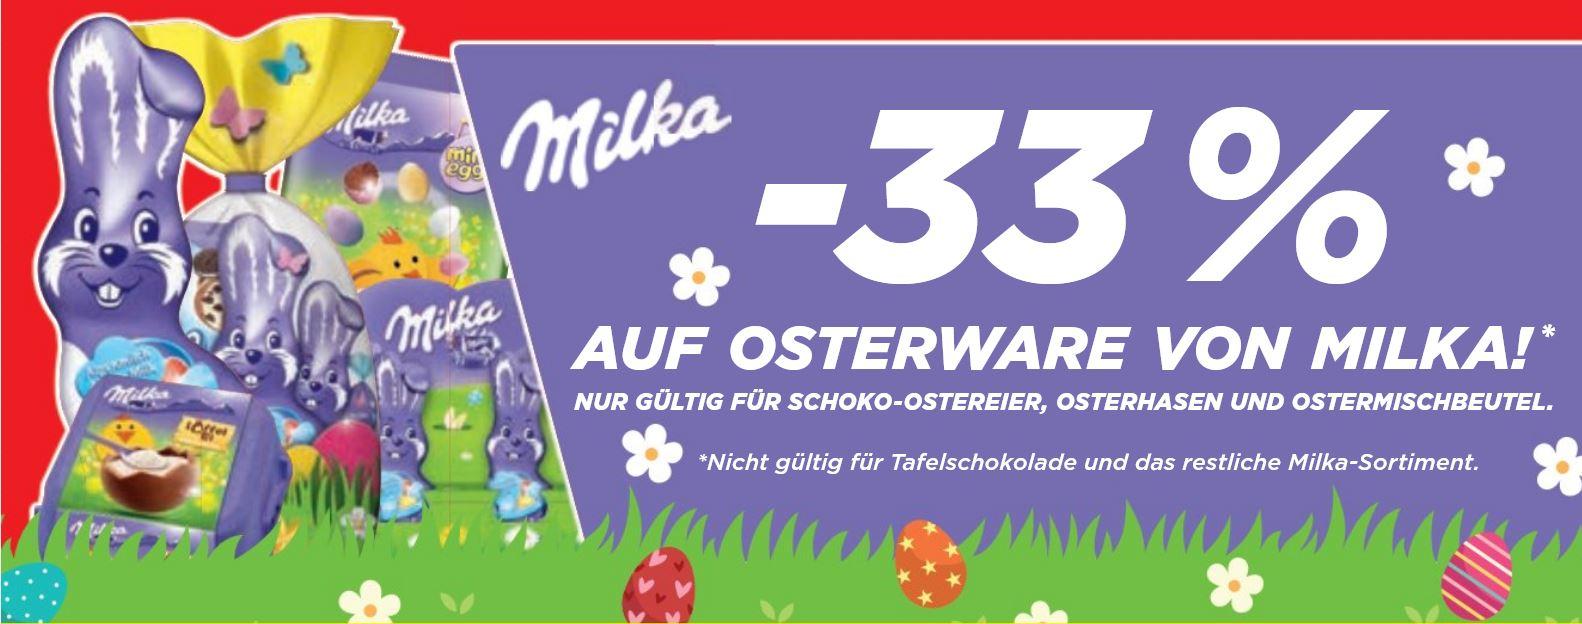 [Penny] -33% Rabatt auf Osterware von Milka